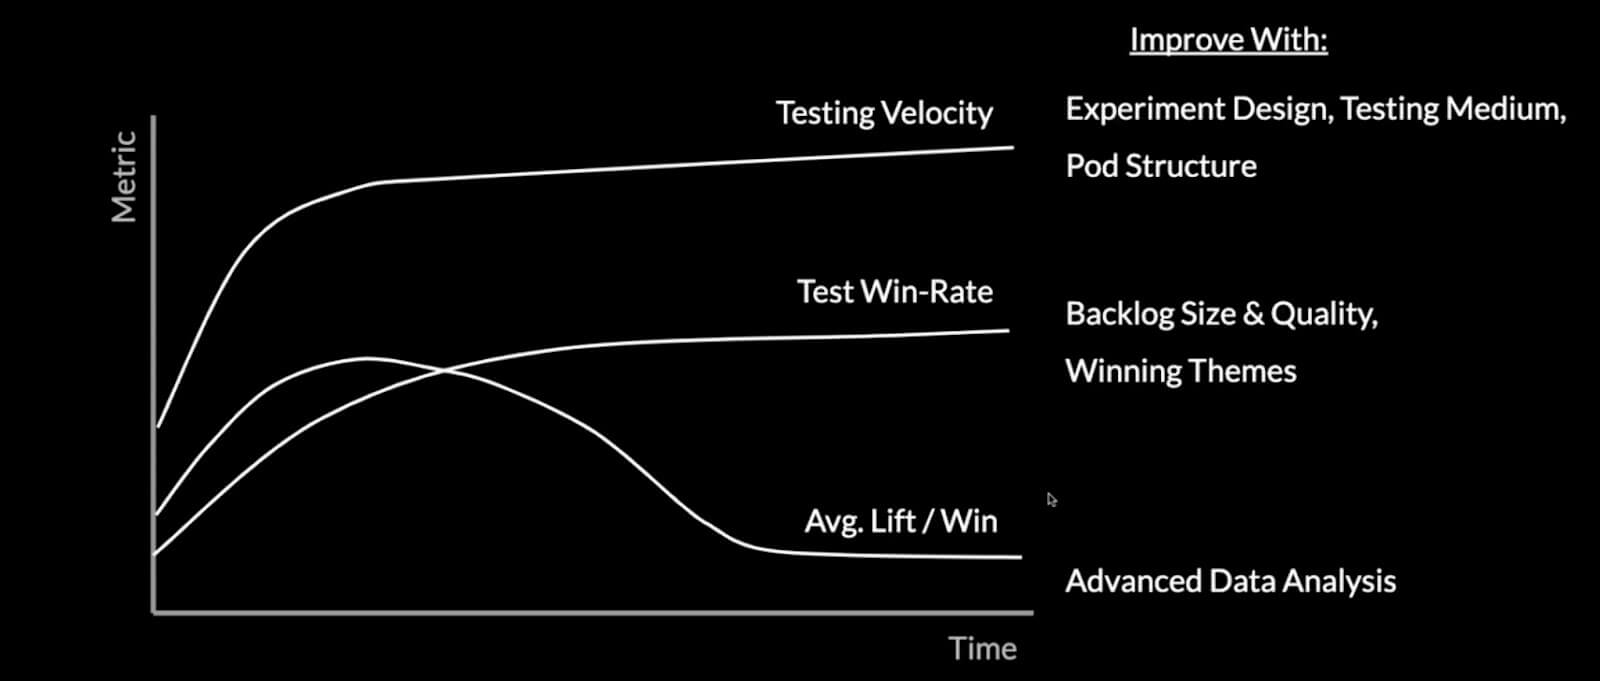 average lift per win